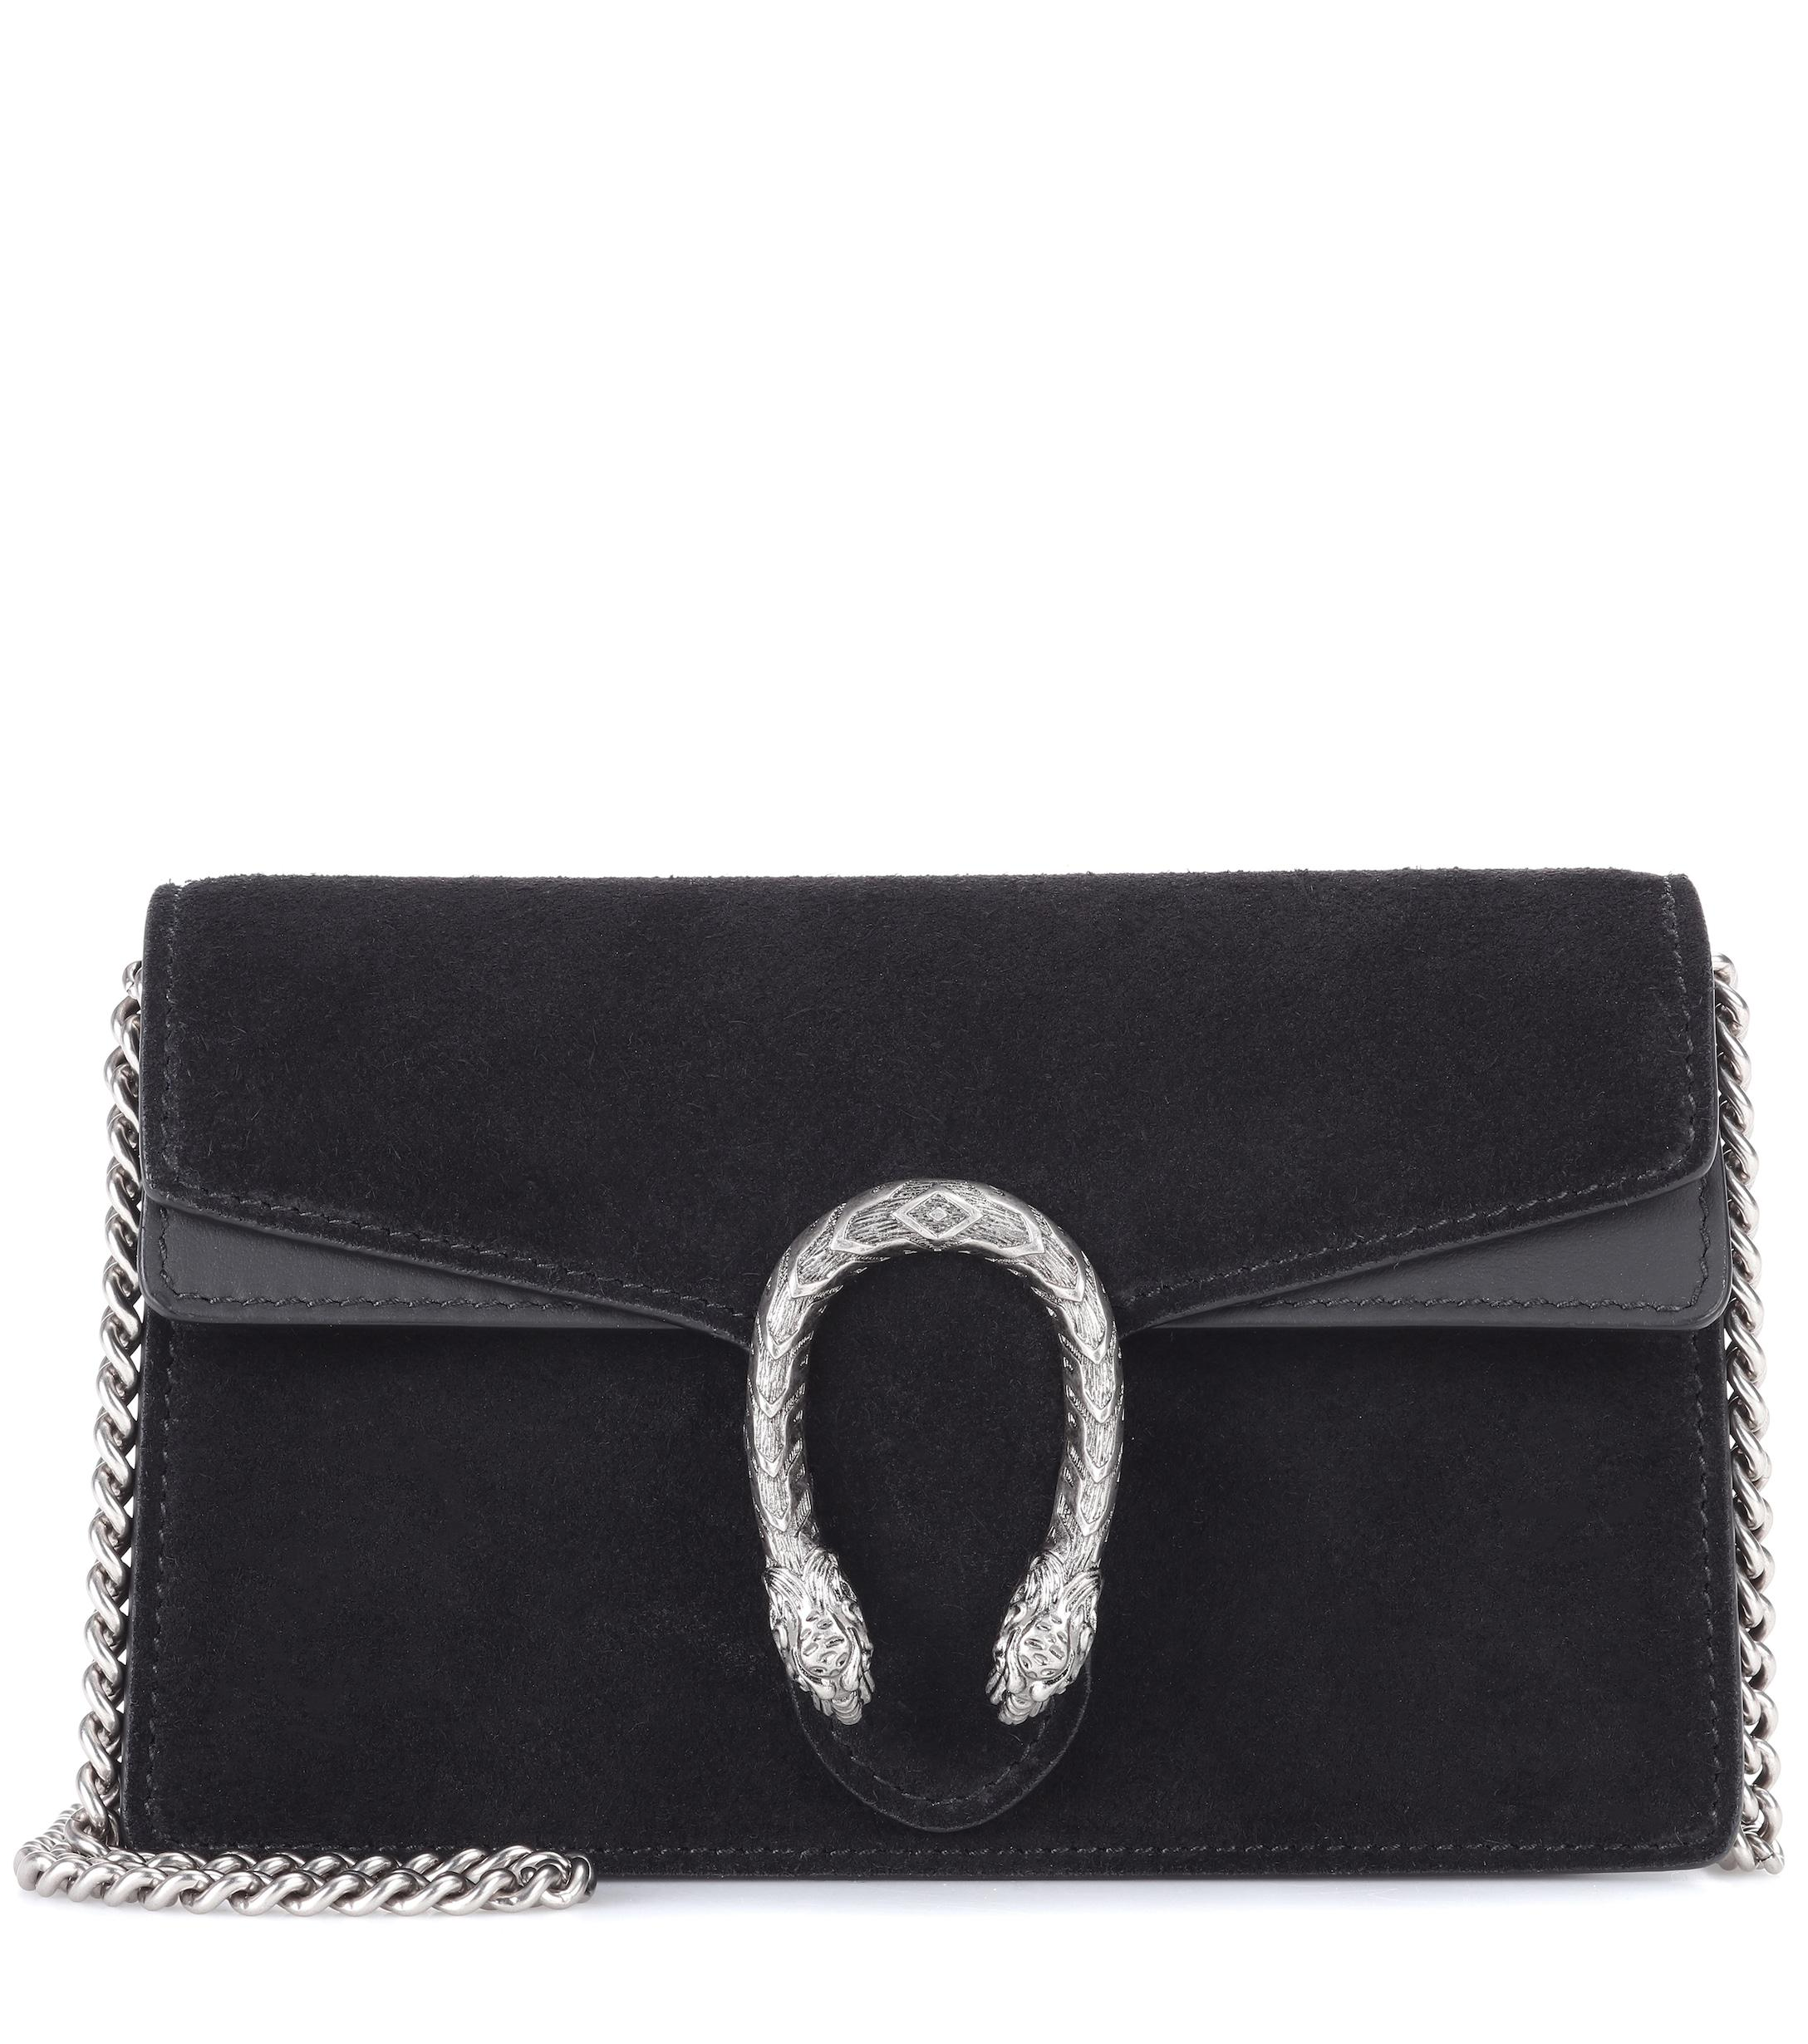 424d3d07aaf Lyst - Gucci Dionysus Suede Super Mini Bag in Black - Save 1%